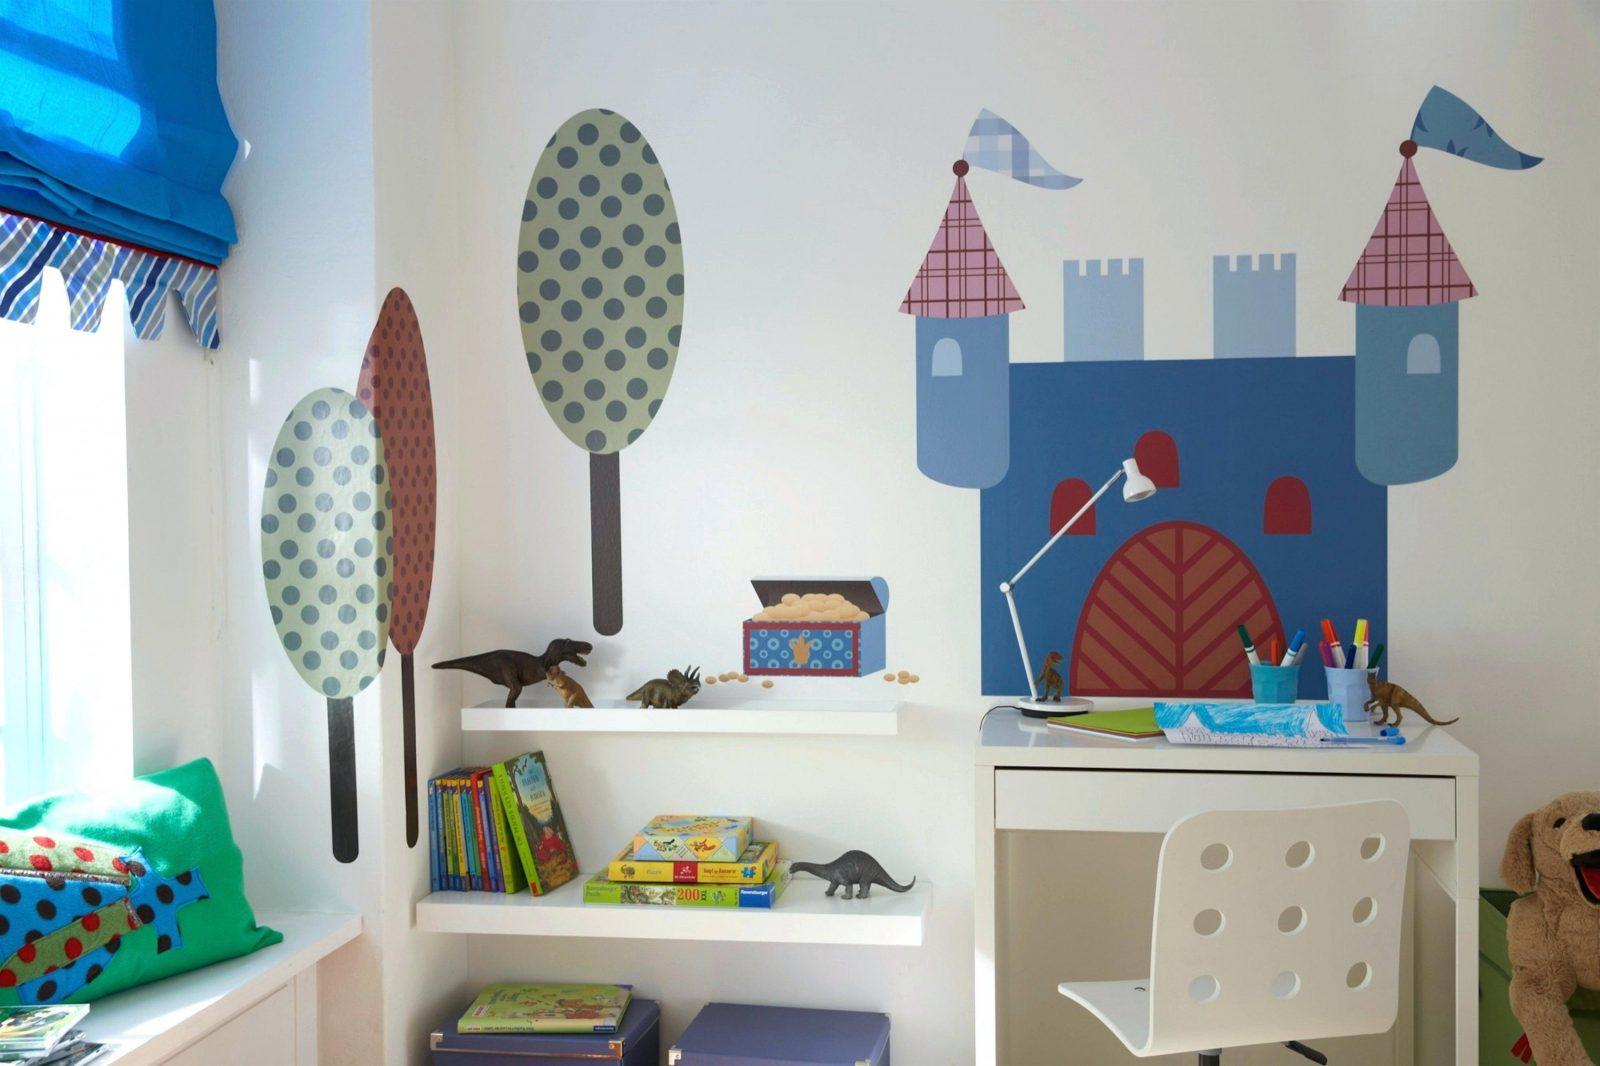 Auto Kinderzimmer Junge Wandgestaltung Ideen Attraktiv Auf Dekoideen von Kinderzimmer Deko Ideen Jungen Bild